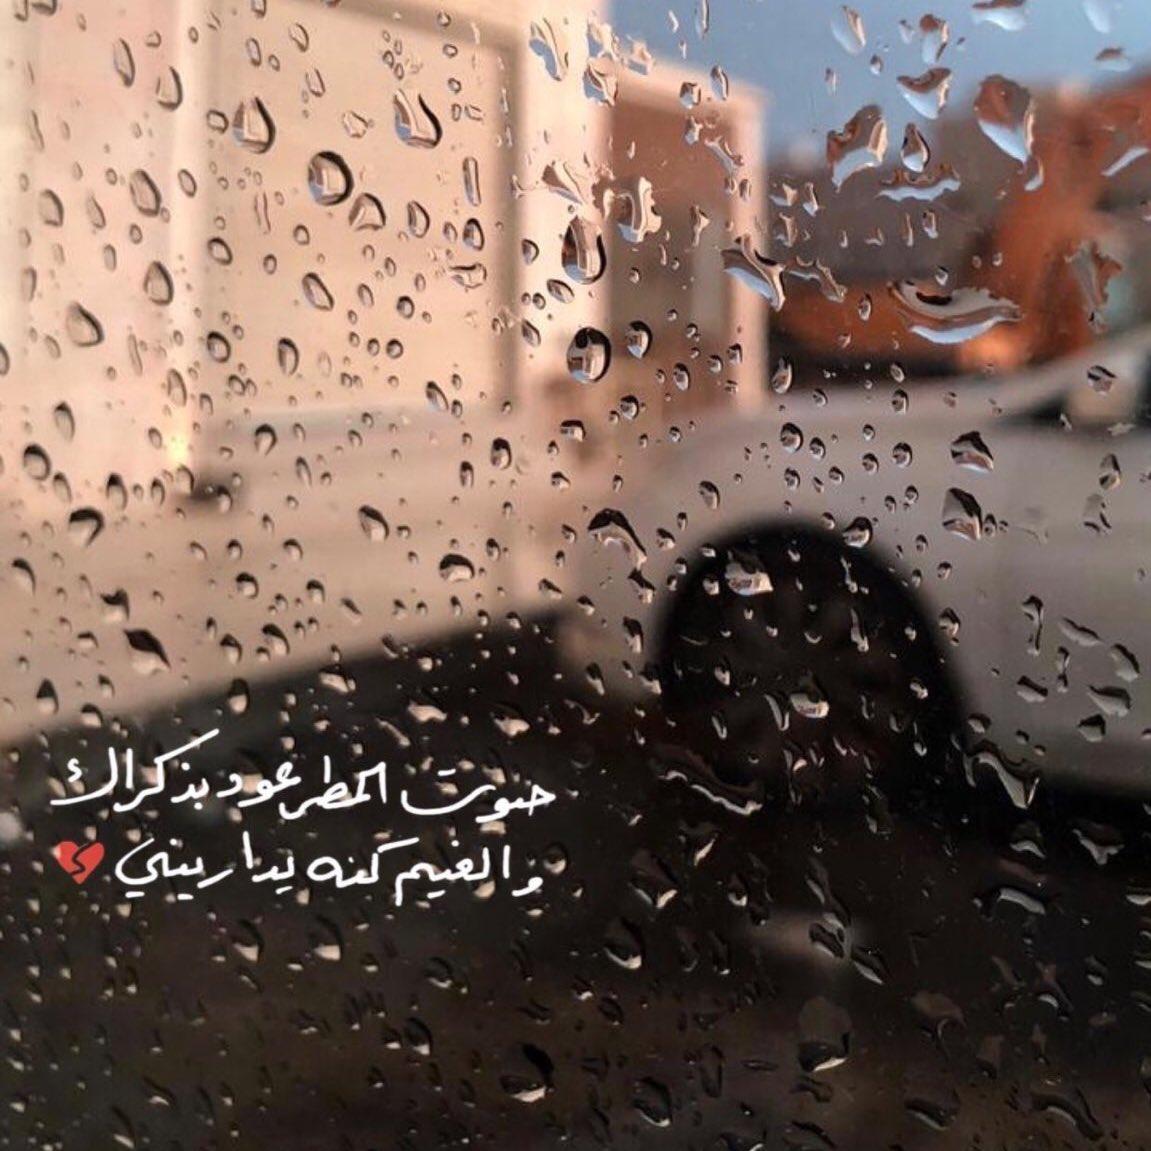 م تغاف ل Auf Twitter الله يكث ر من الأيام اللي يحل يها صوت المطر مسقط تمطر أخدود الصيب